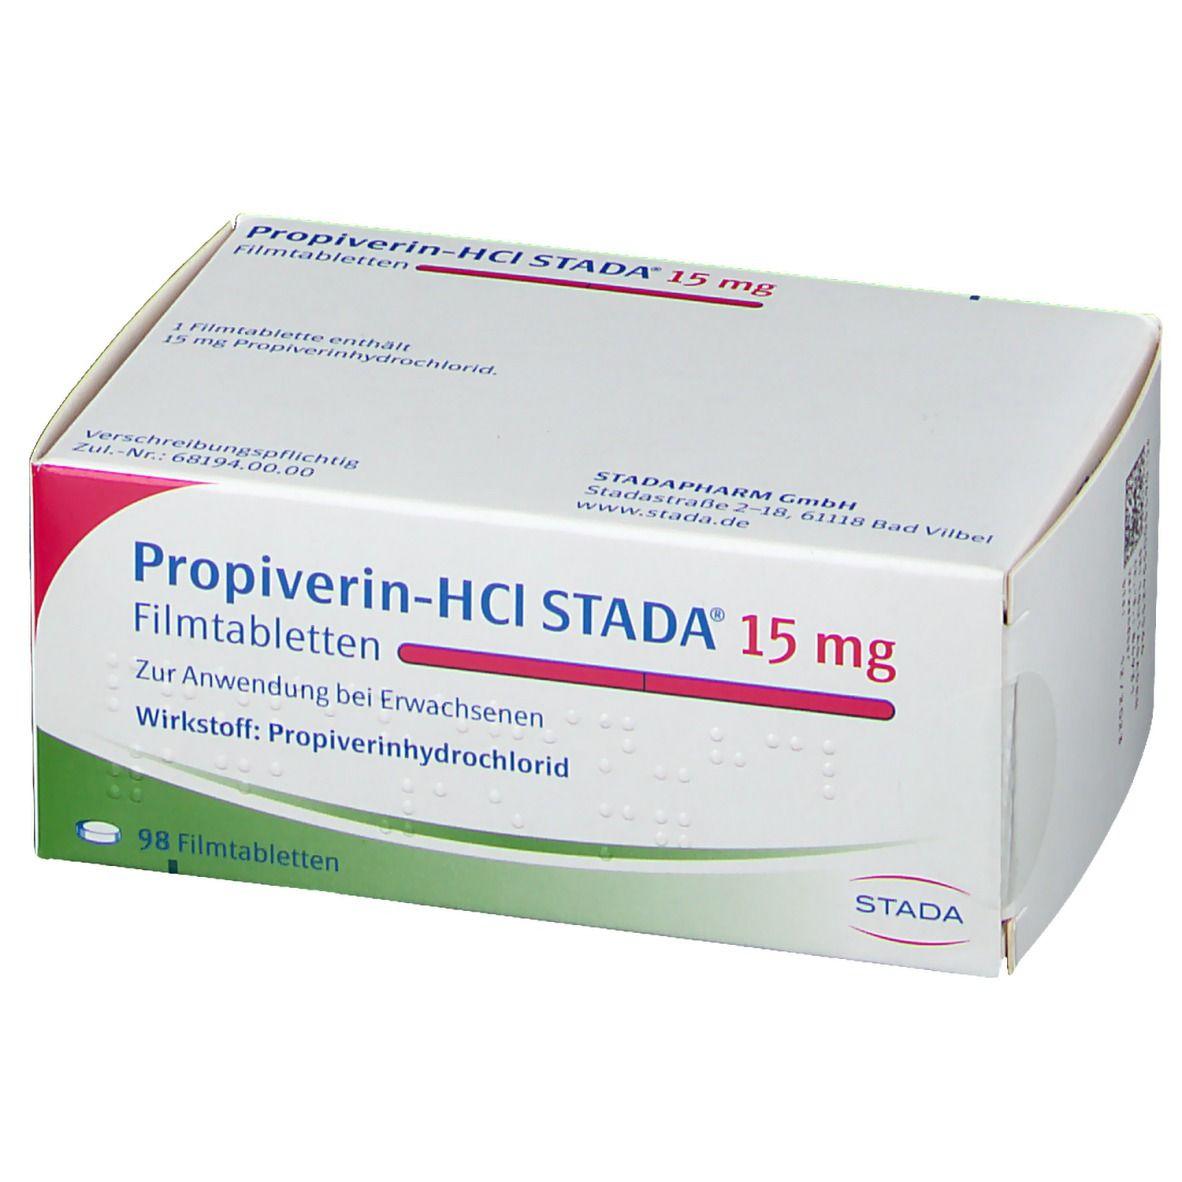 Propiverin HCl STADA® 15 mg Filmtabletten